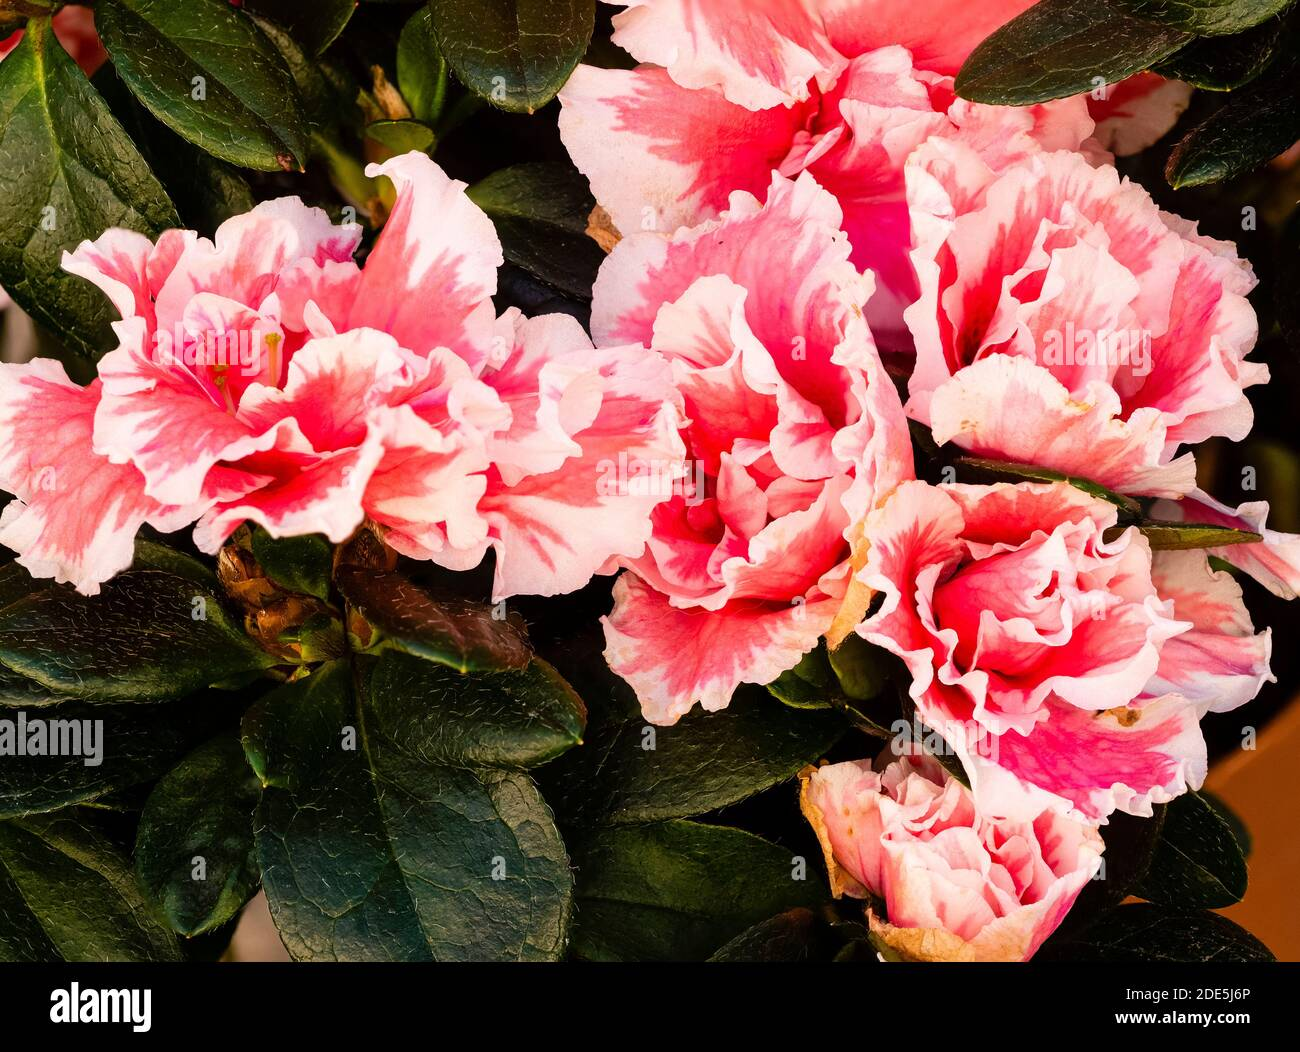 Gekräuselte Korallen rosa und weiße Doppelblüten der zarten Winterblüte immergrüne Haus- und Gewächshauspflanze, Rhododendron simsii 'Inga' Stockfoto